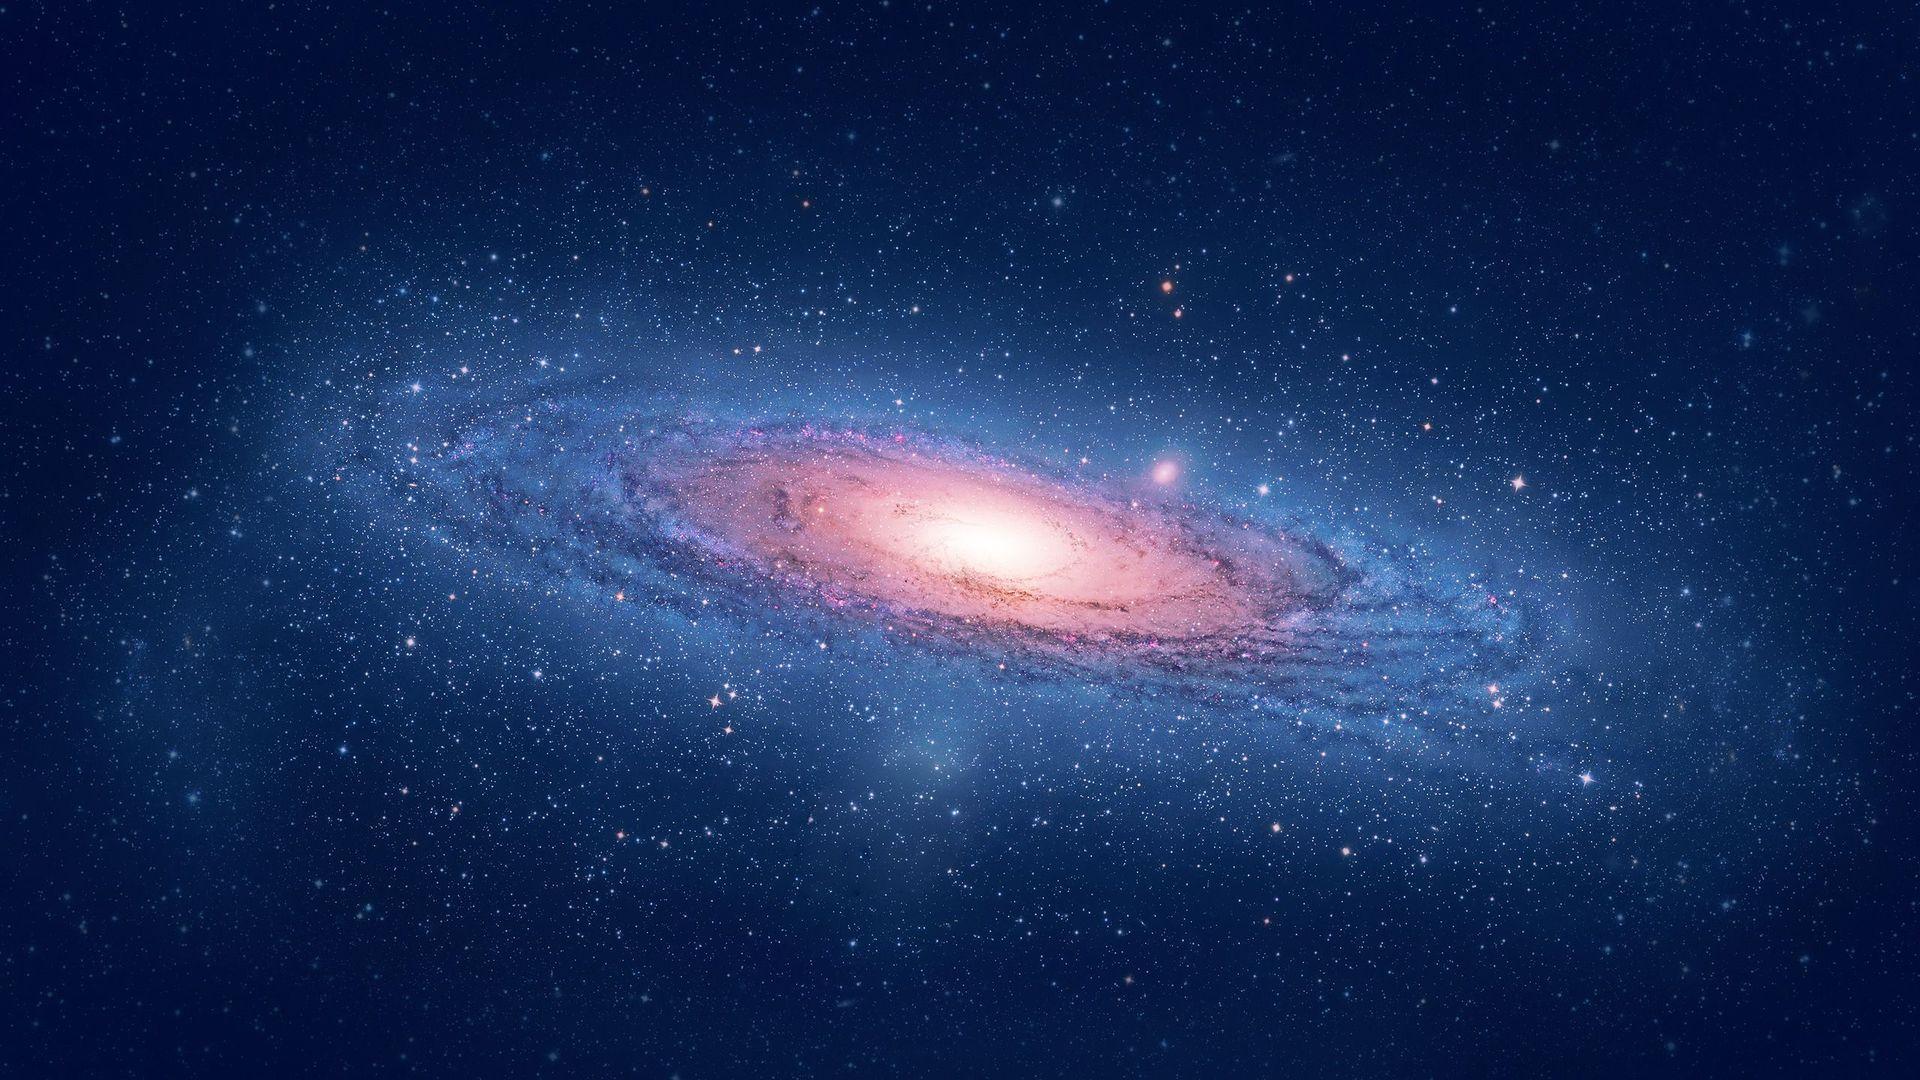 andromeda galaxy planets - HD1920×1200